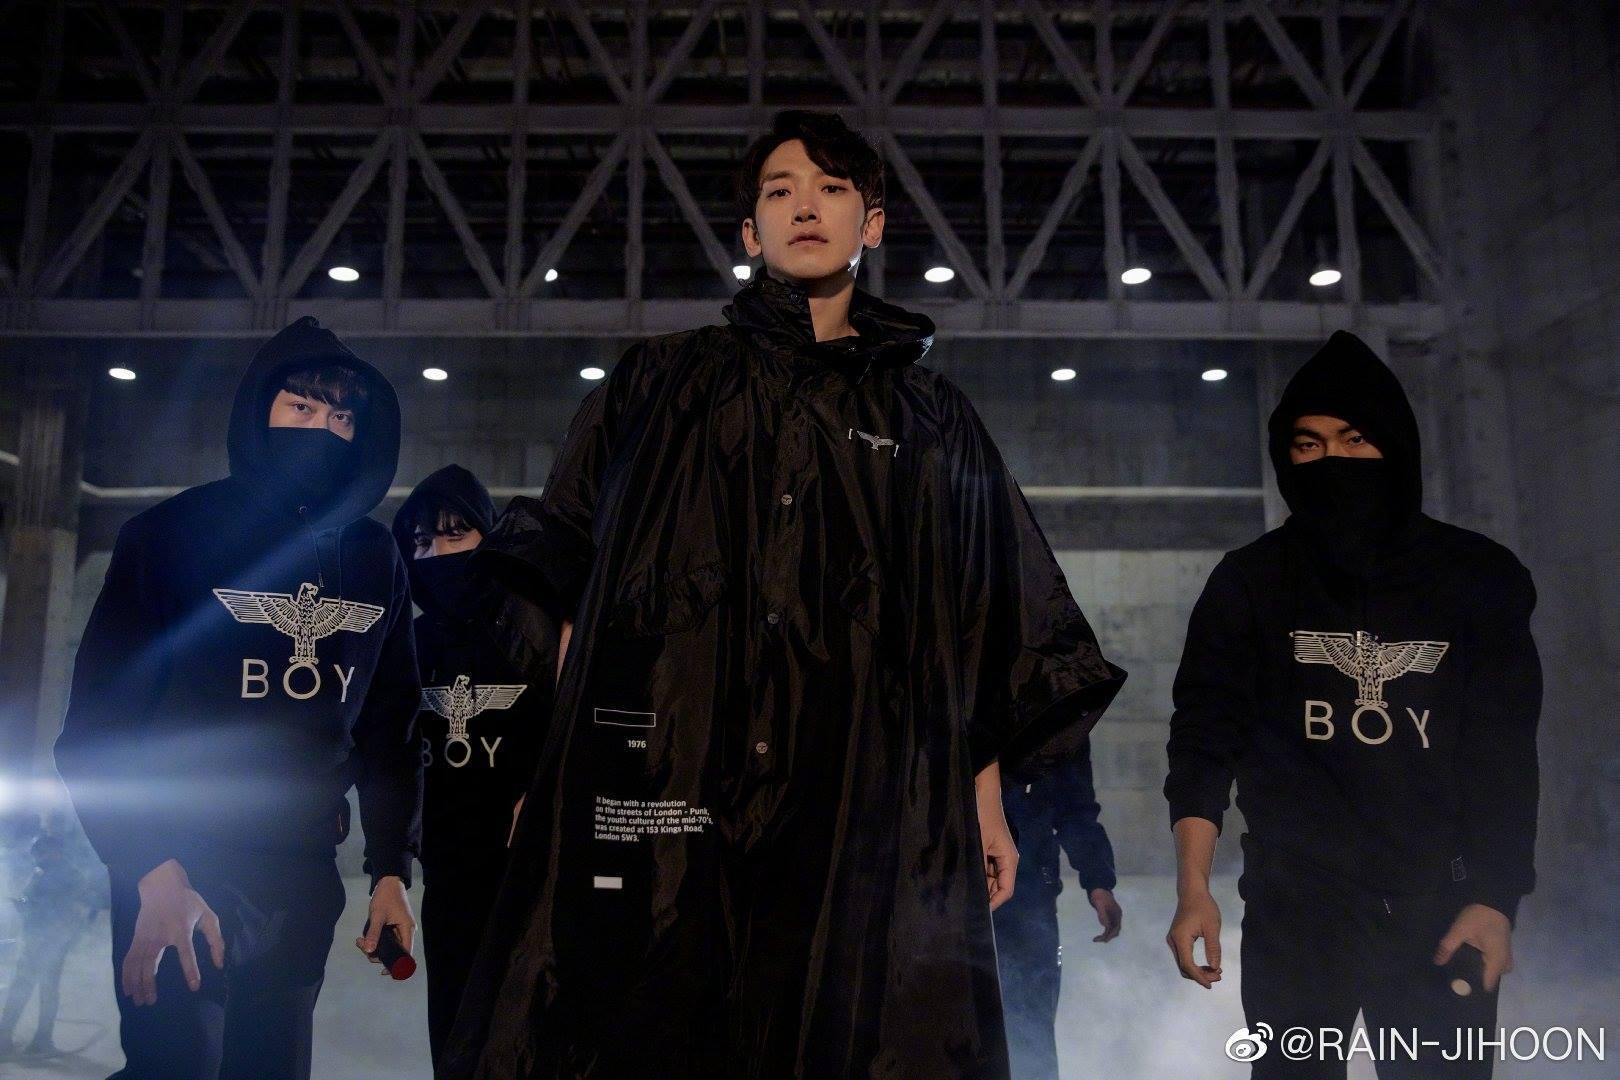 Rain weibo message_c0047605_12355084.jpg